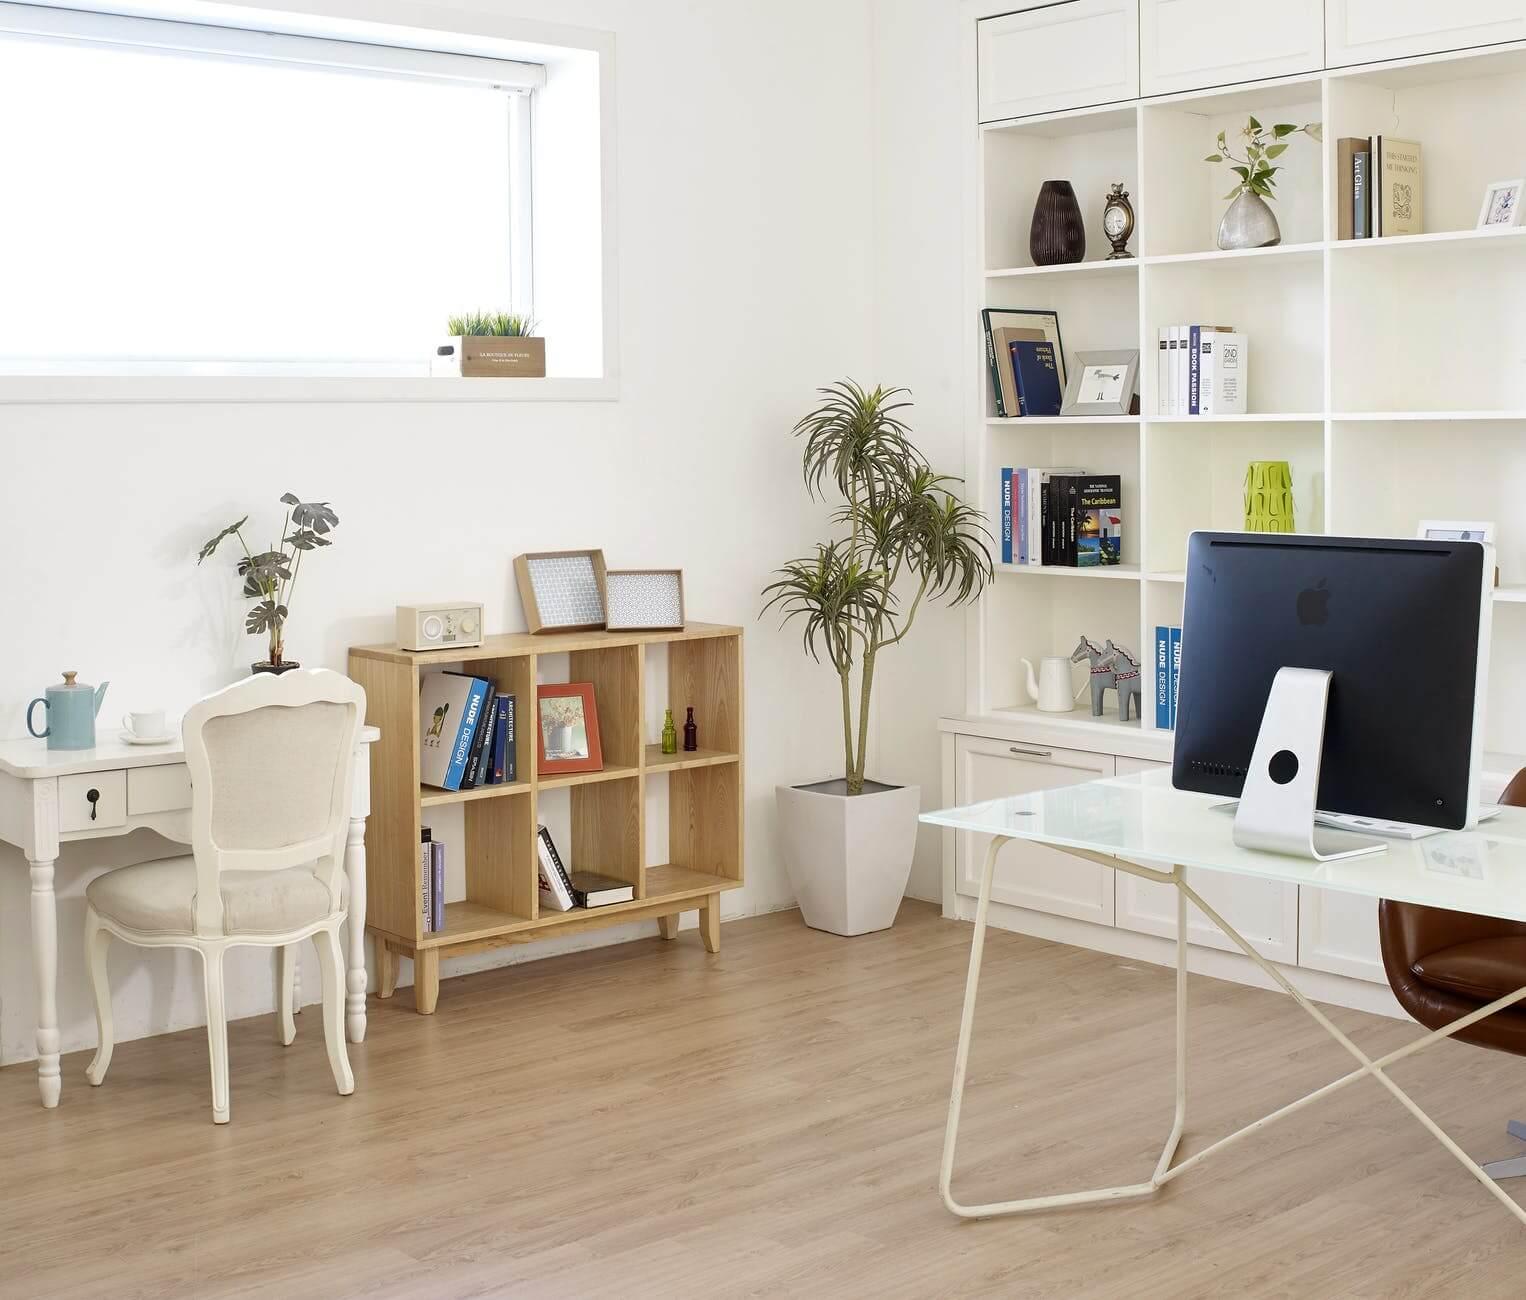 loft office built-in storage